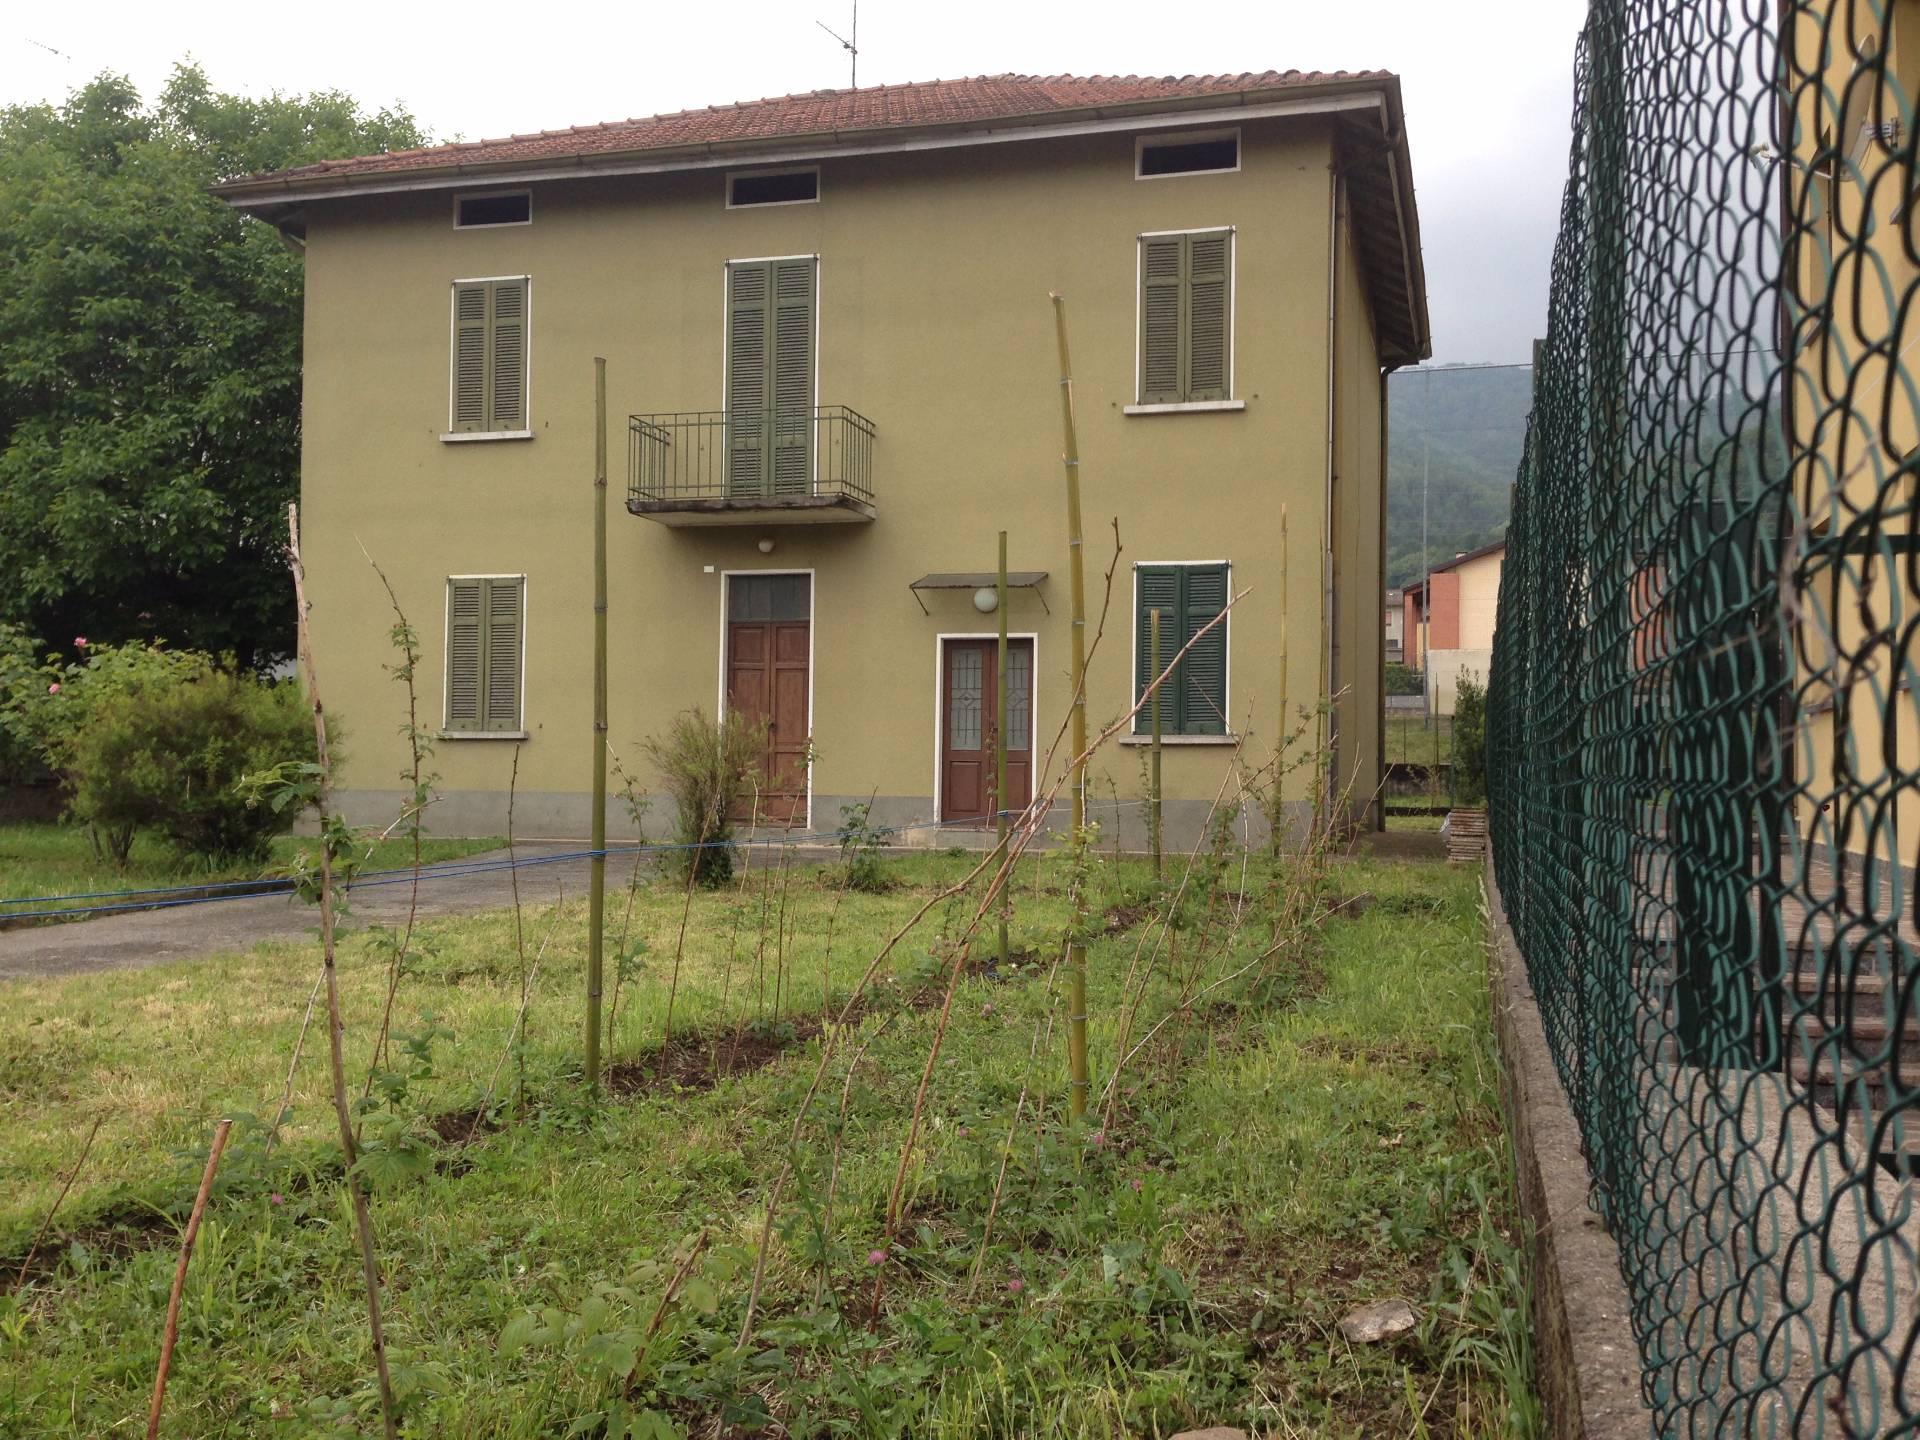 Villa Bifamiliare in vendita a Valgreghentino, 8 locali, prezzo € 330.000 | Cambio Casa.it